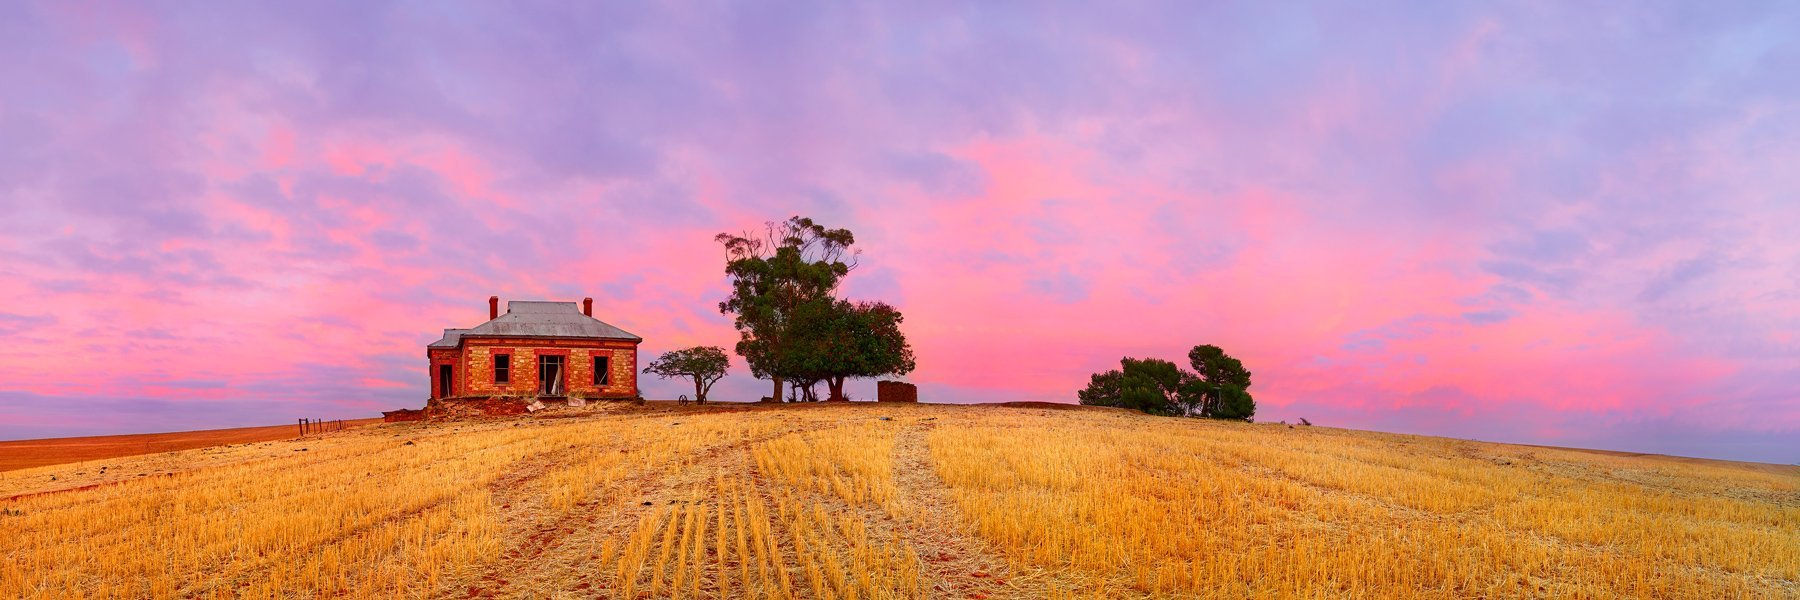 An abondoned homestead in a wheat field, Burra, SA, Australia.